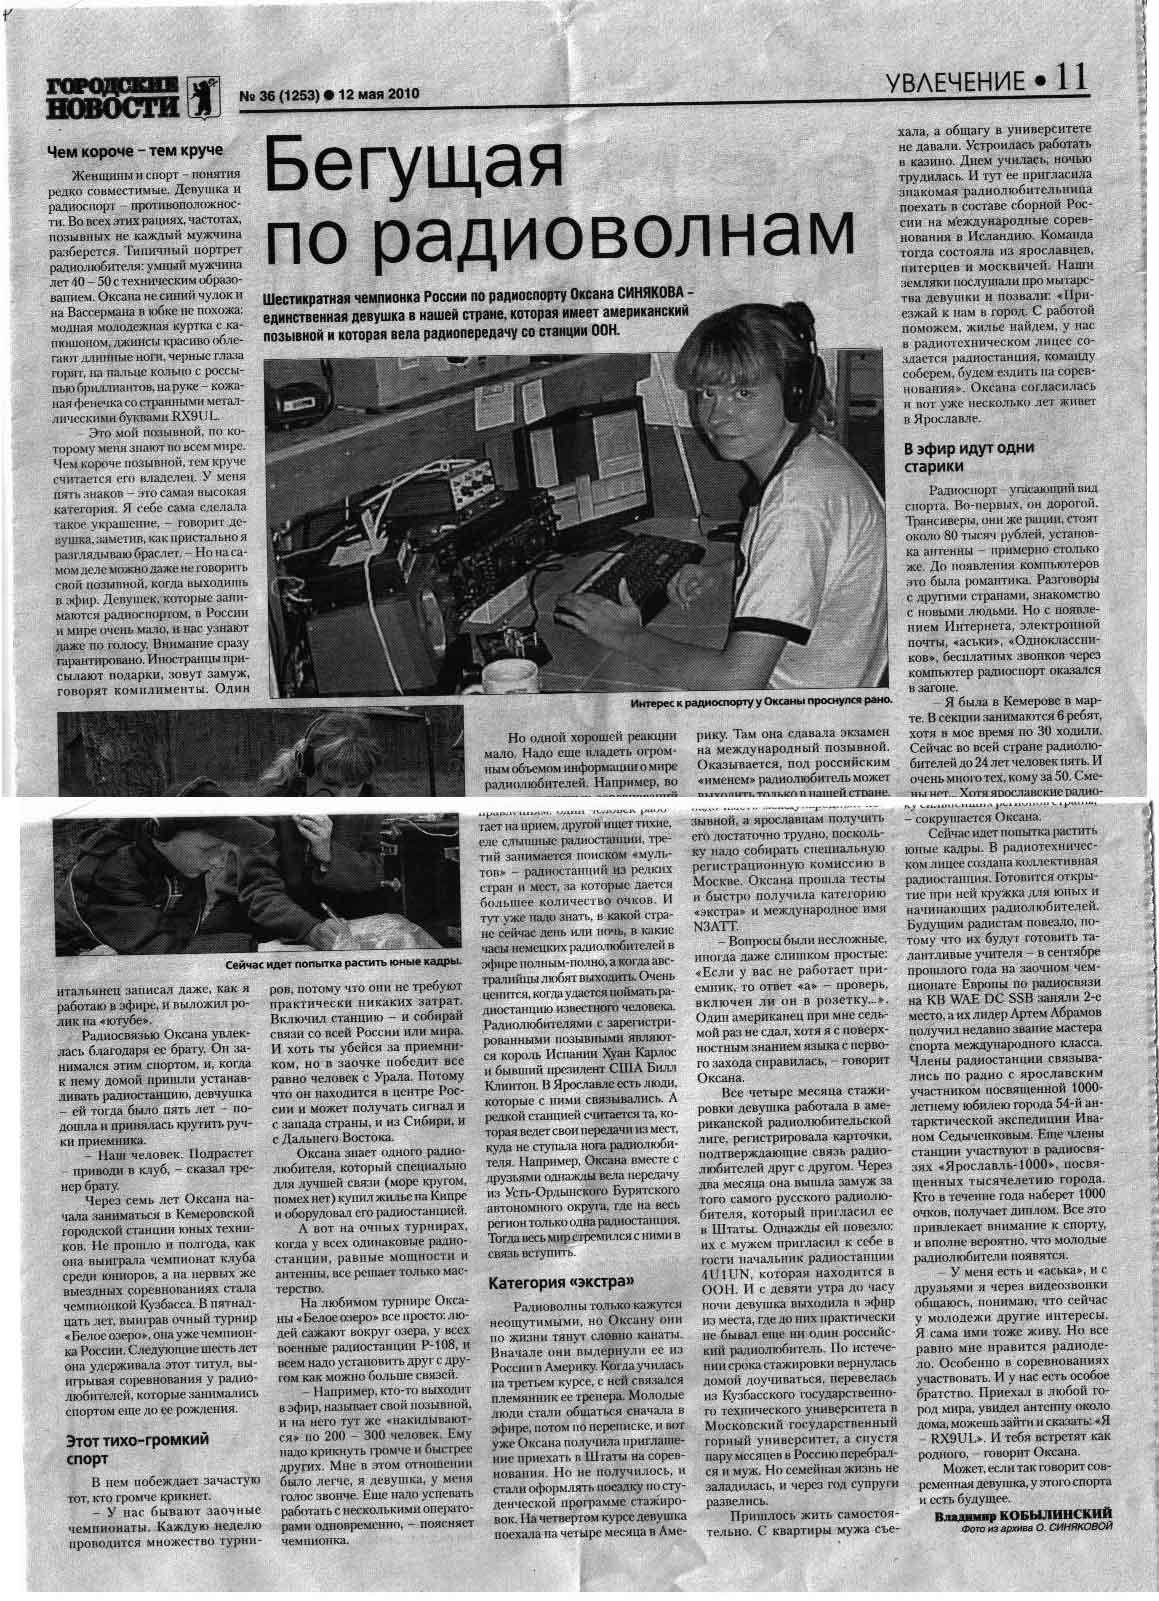 Нажмите на изображение для увеличения.  Название:gazeta.jpg Просмотров:865 Размер:262.4 Кб ID:33523